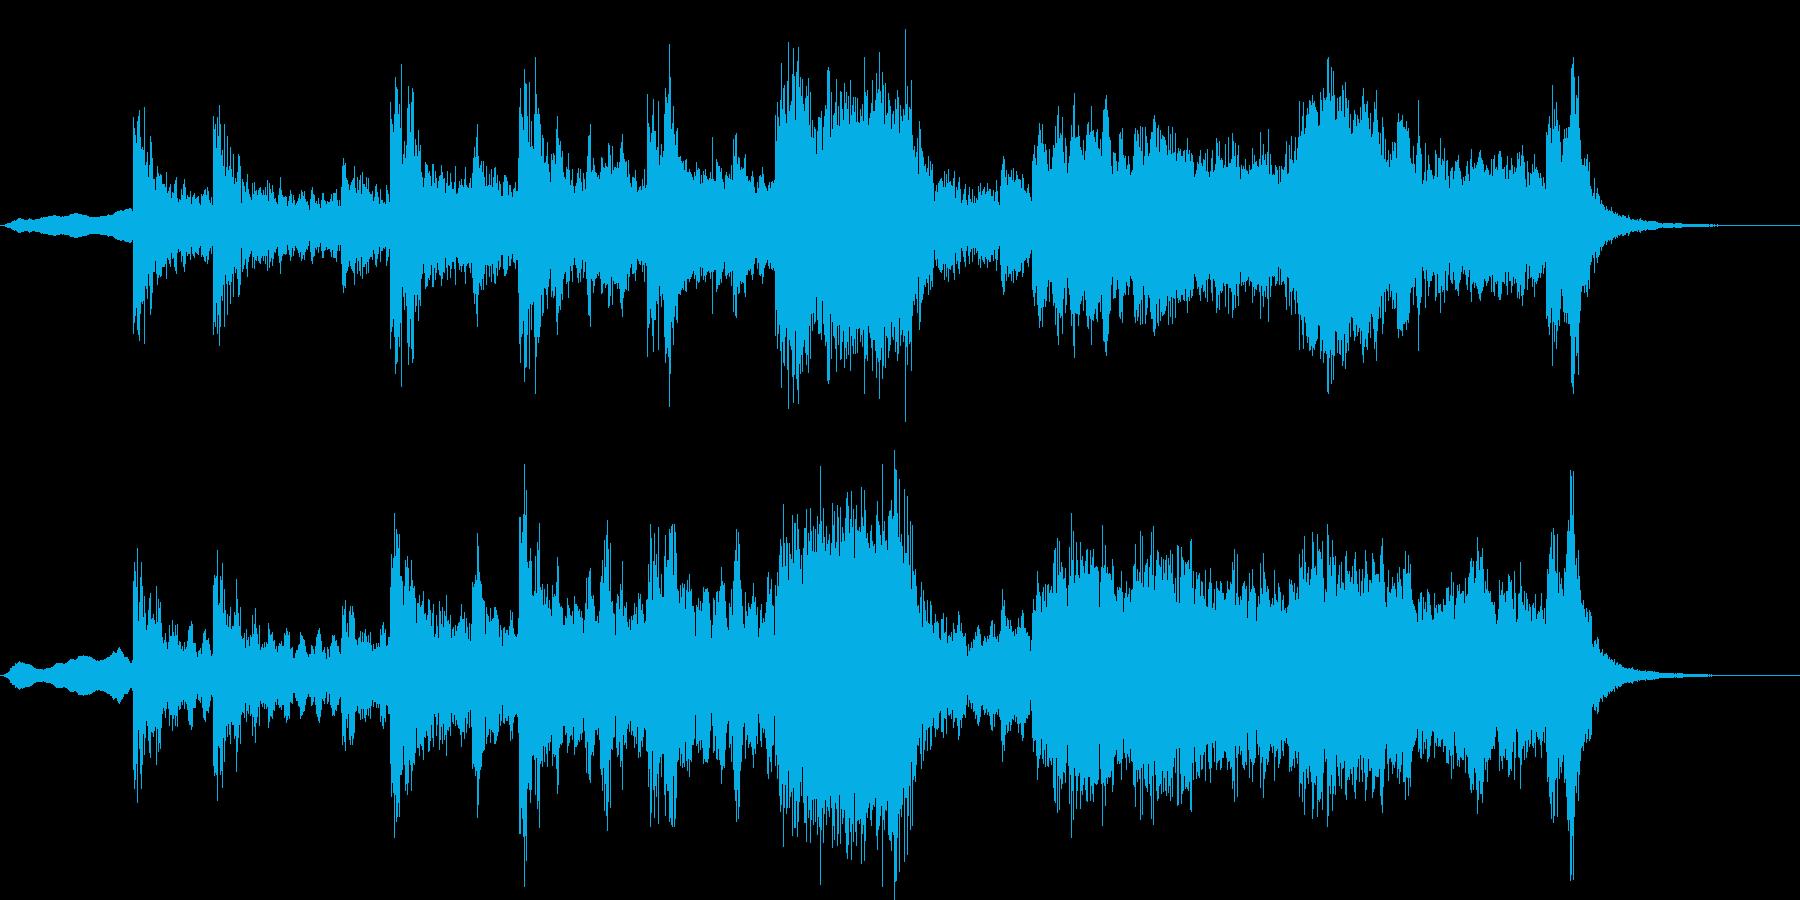 ピンチ、バトル、オーケストラジングルの再生済みの波形